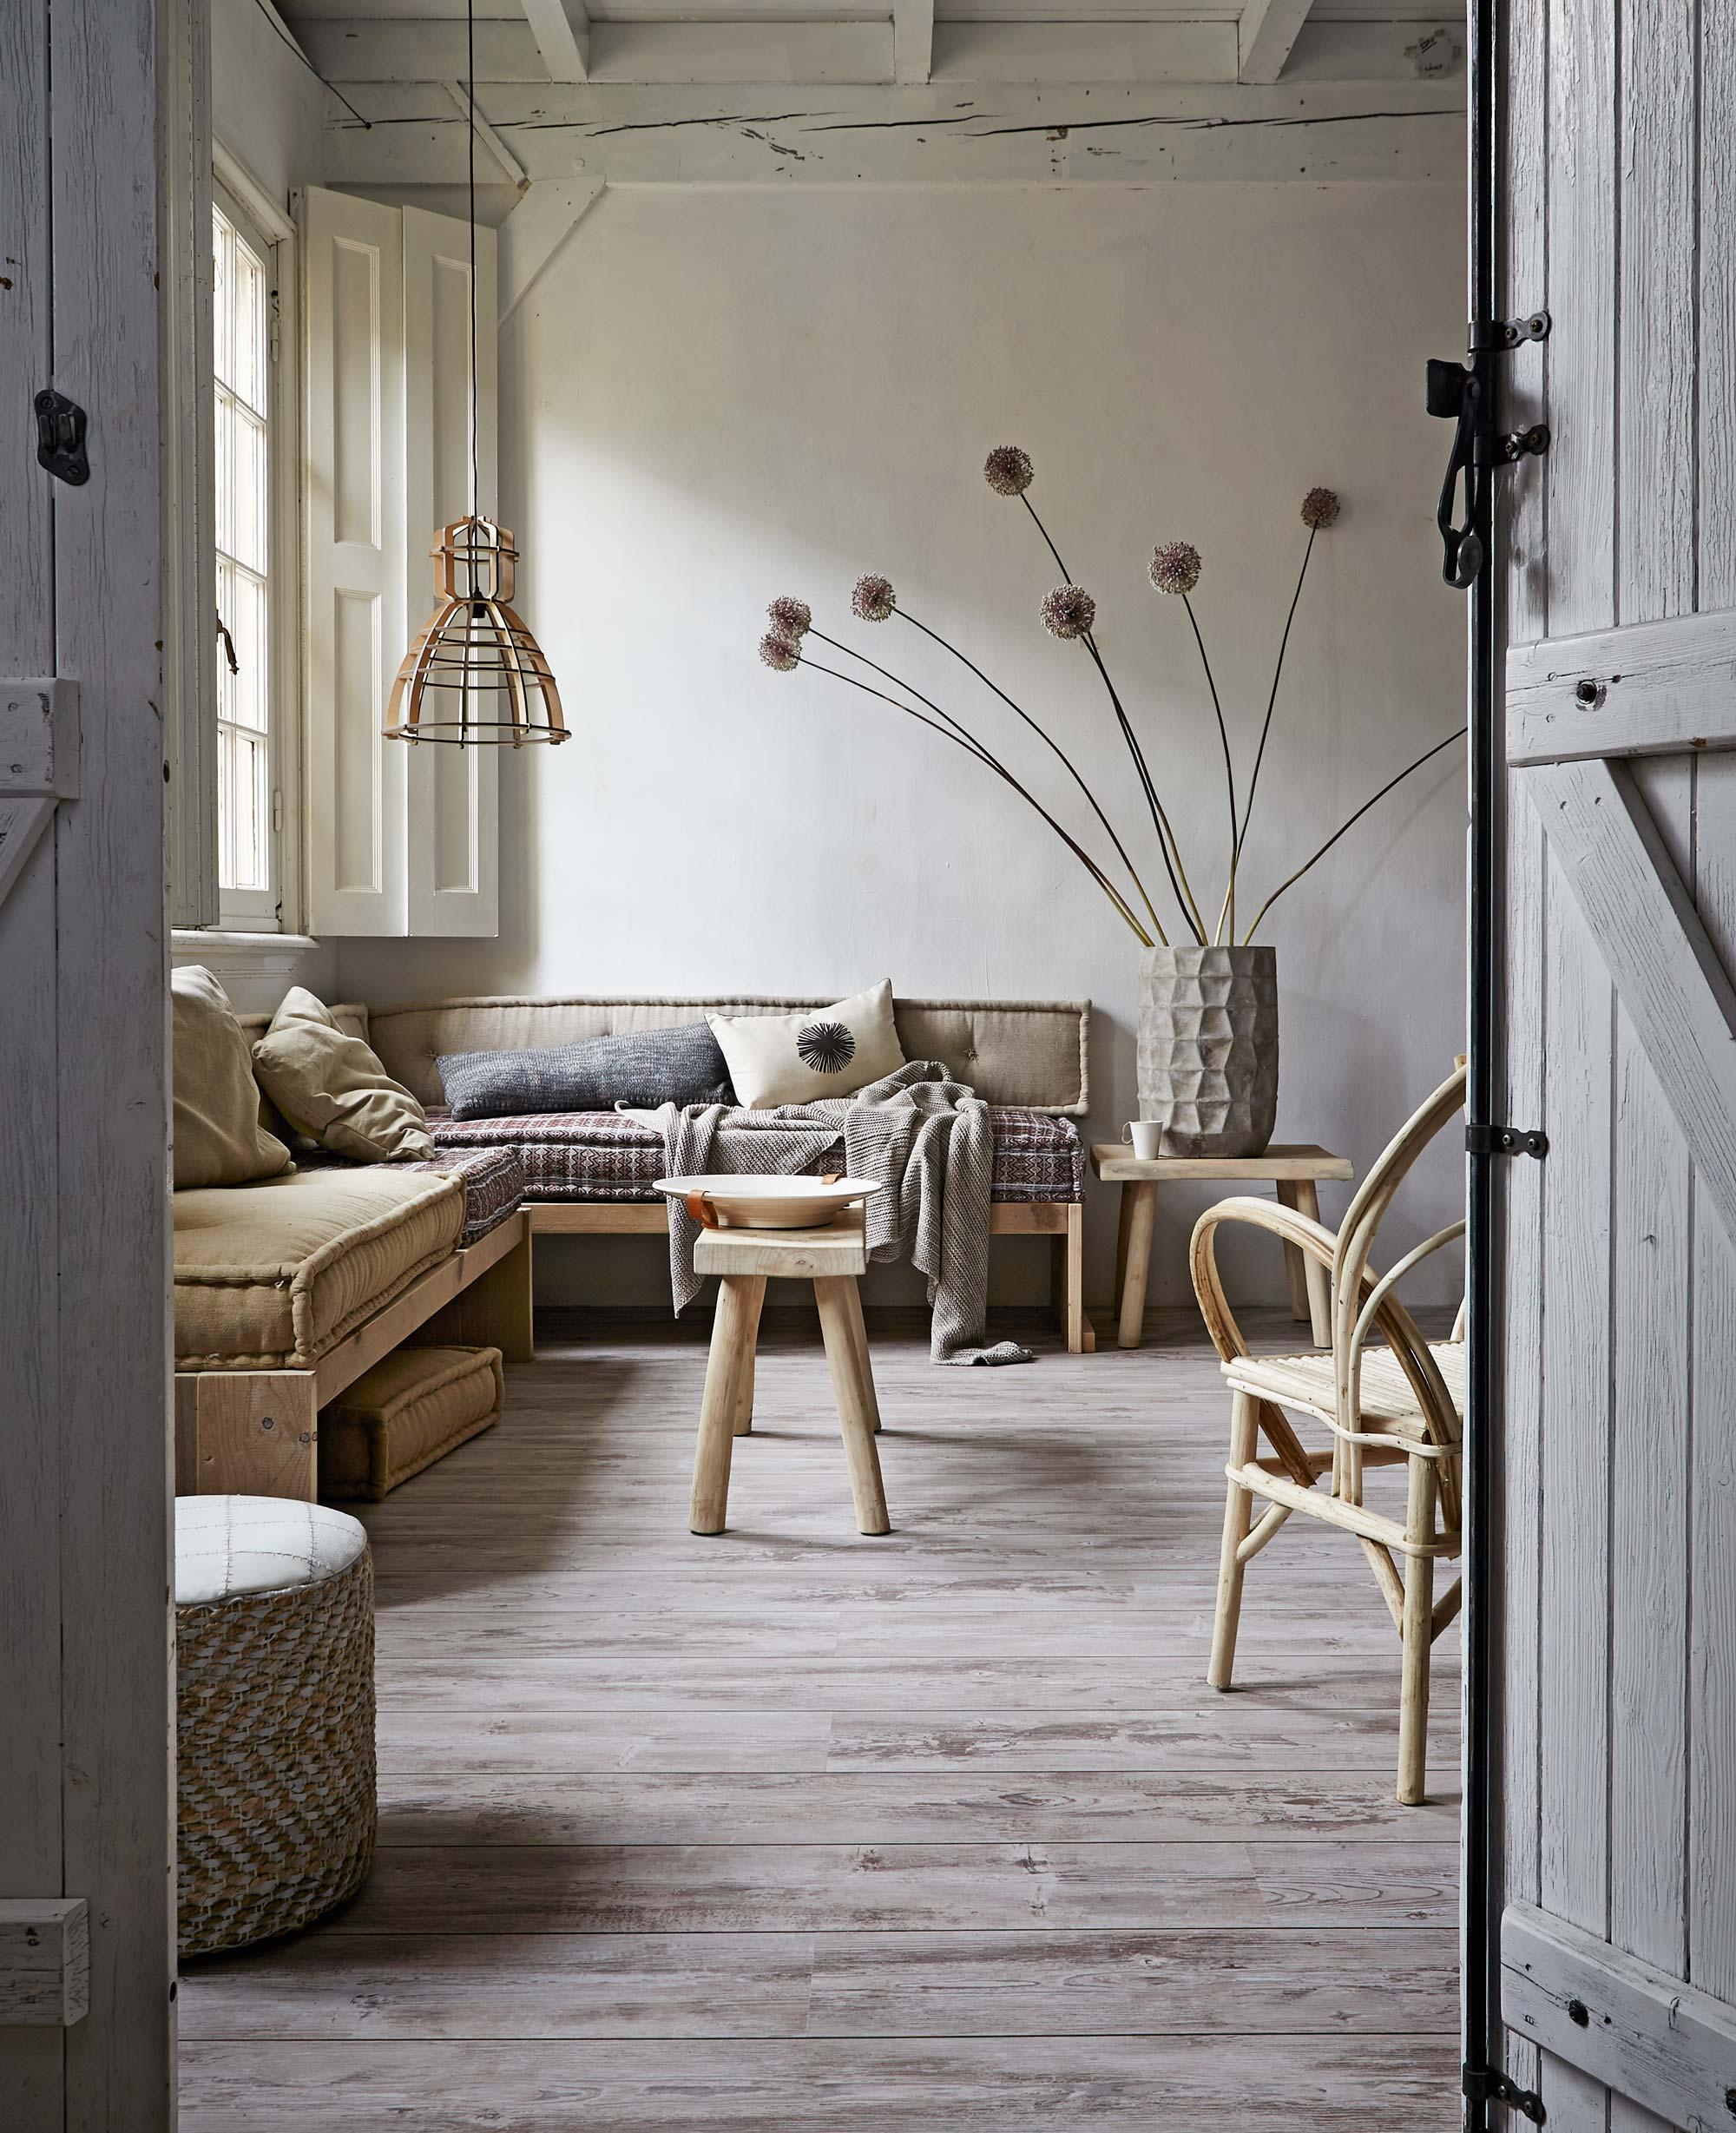 woonkamer nauturlijke materialen houten vloer